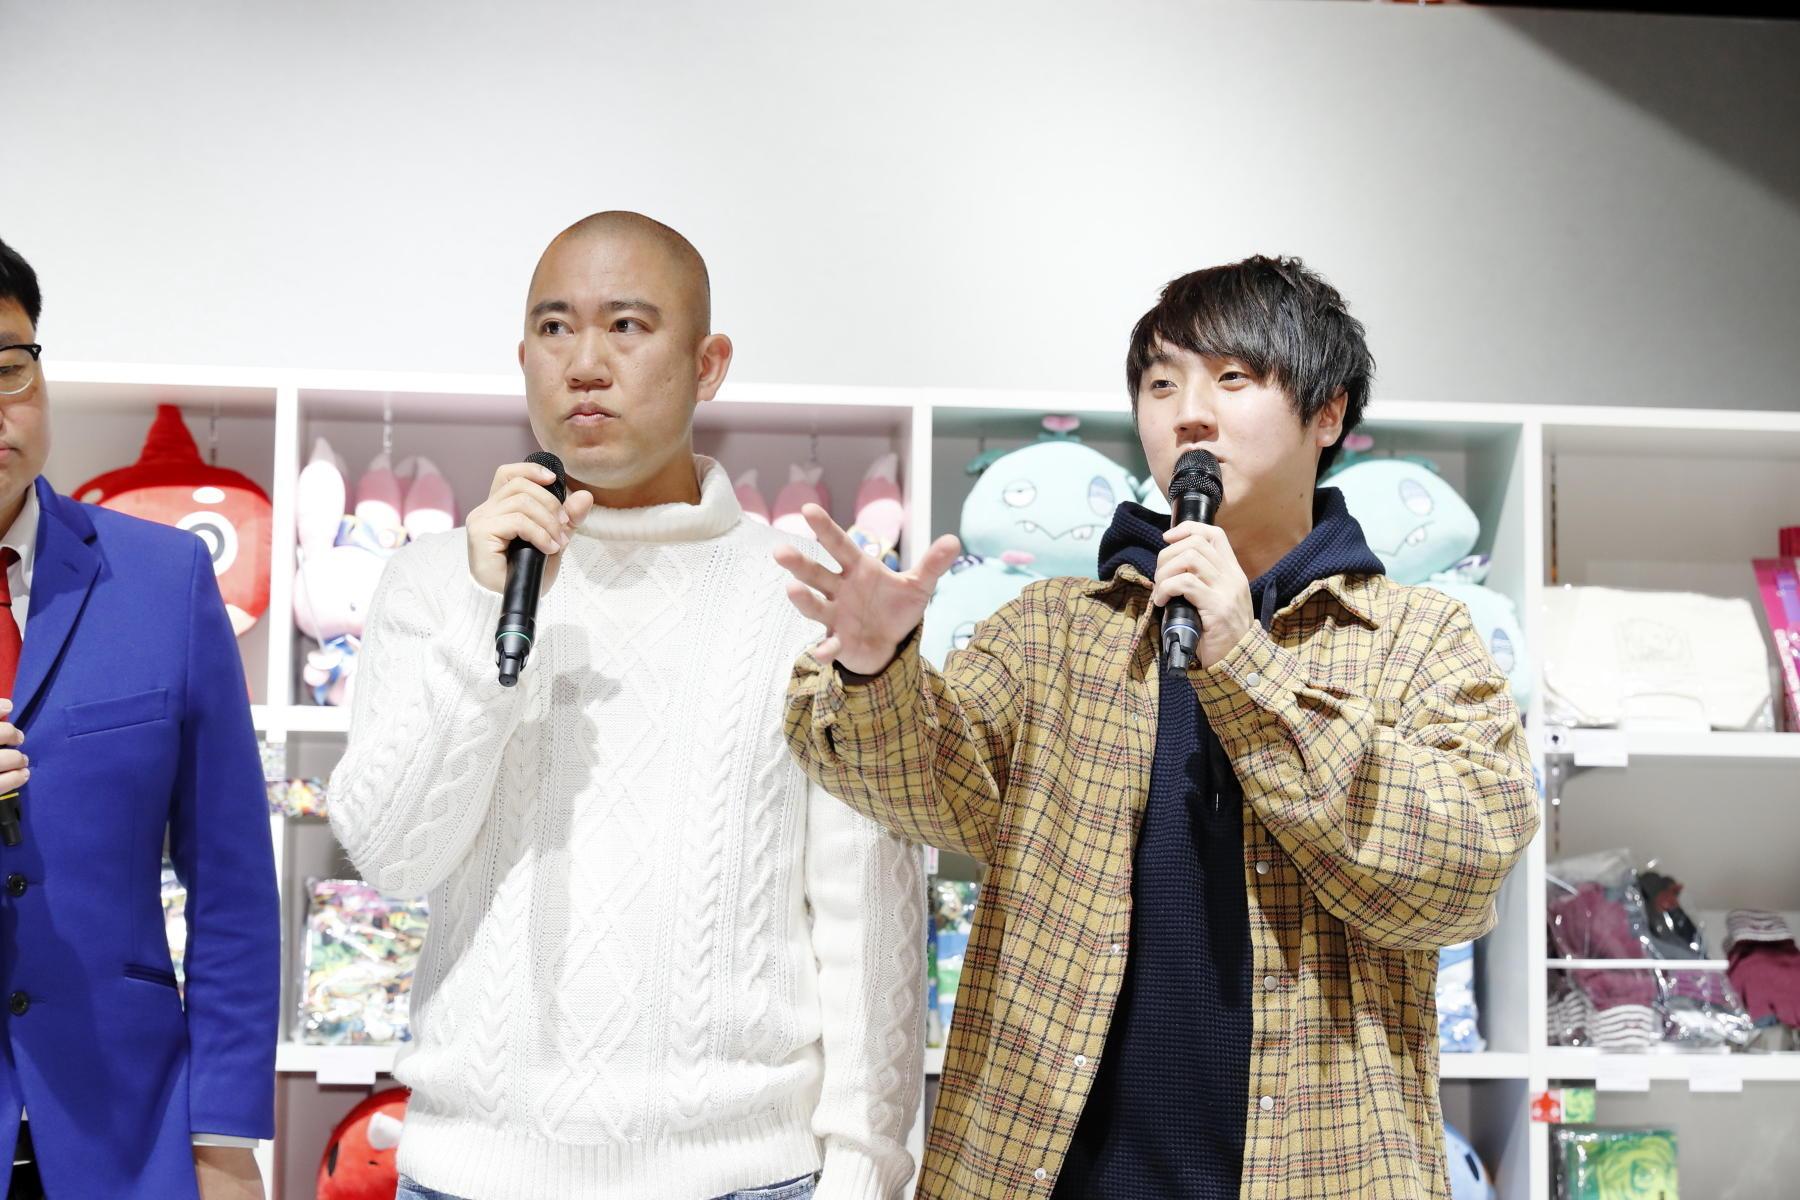 http://news.yoshimoto.co.jp/20190124203124-e19f74526def6848e14288a592ee6a216eb96f82.jpg